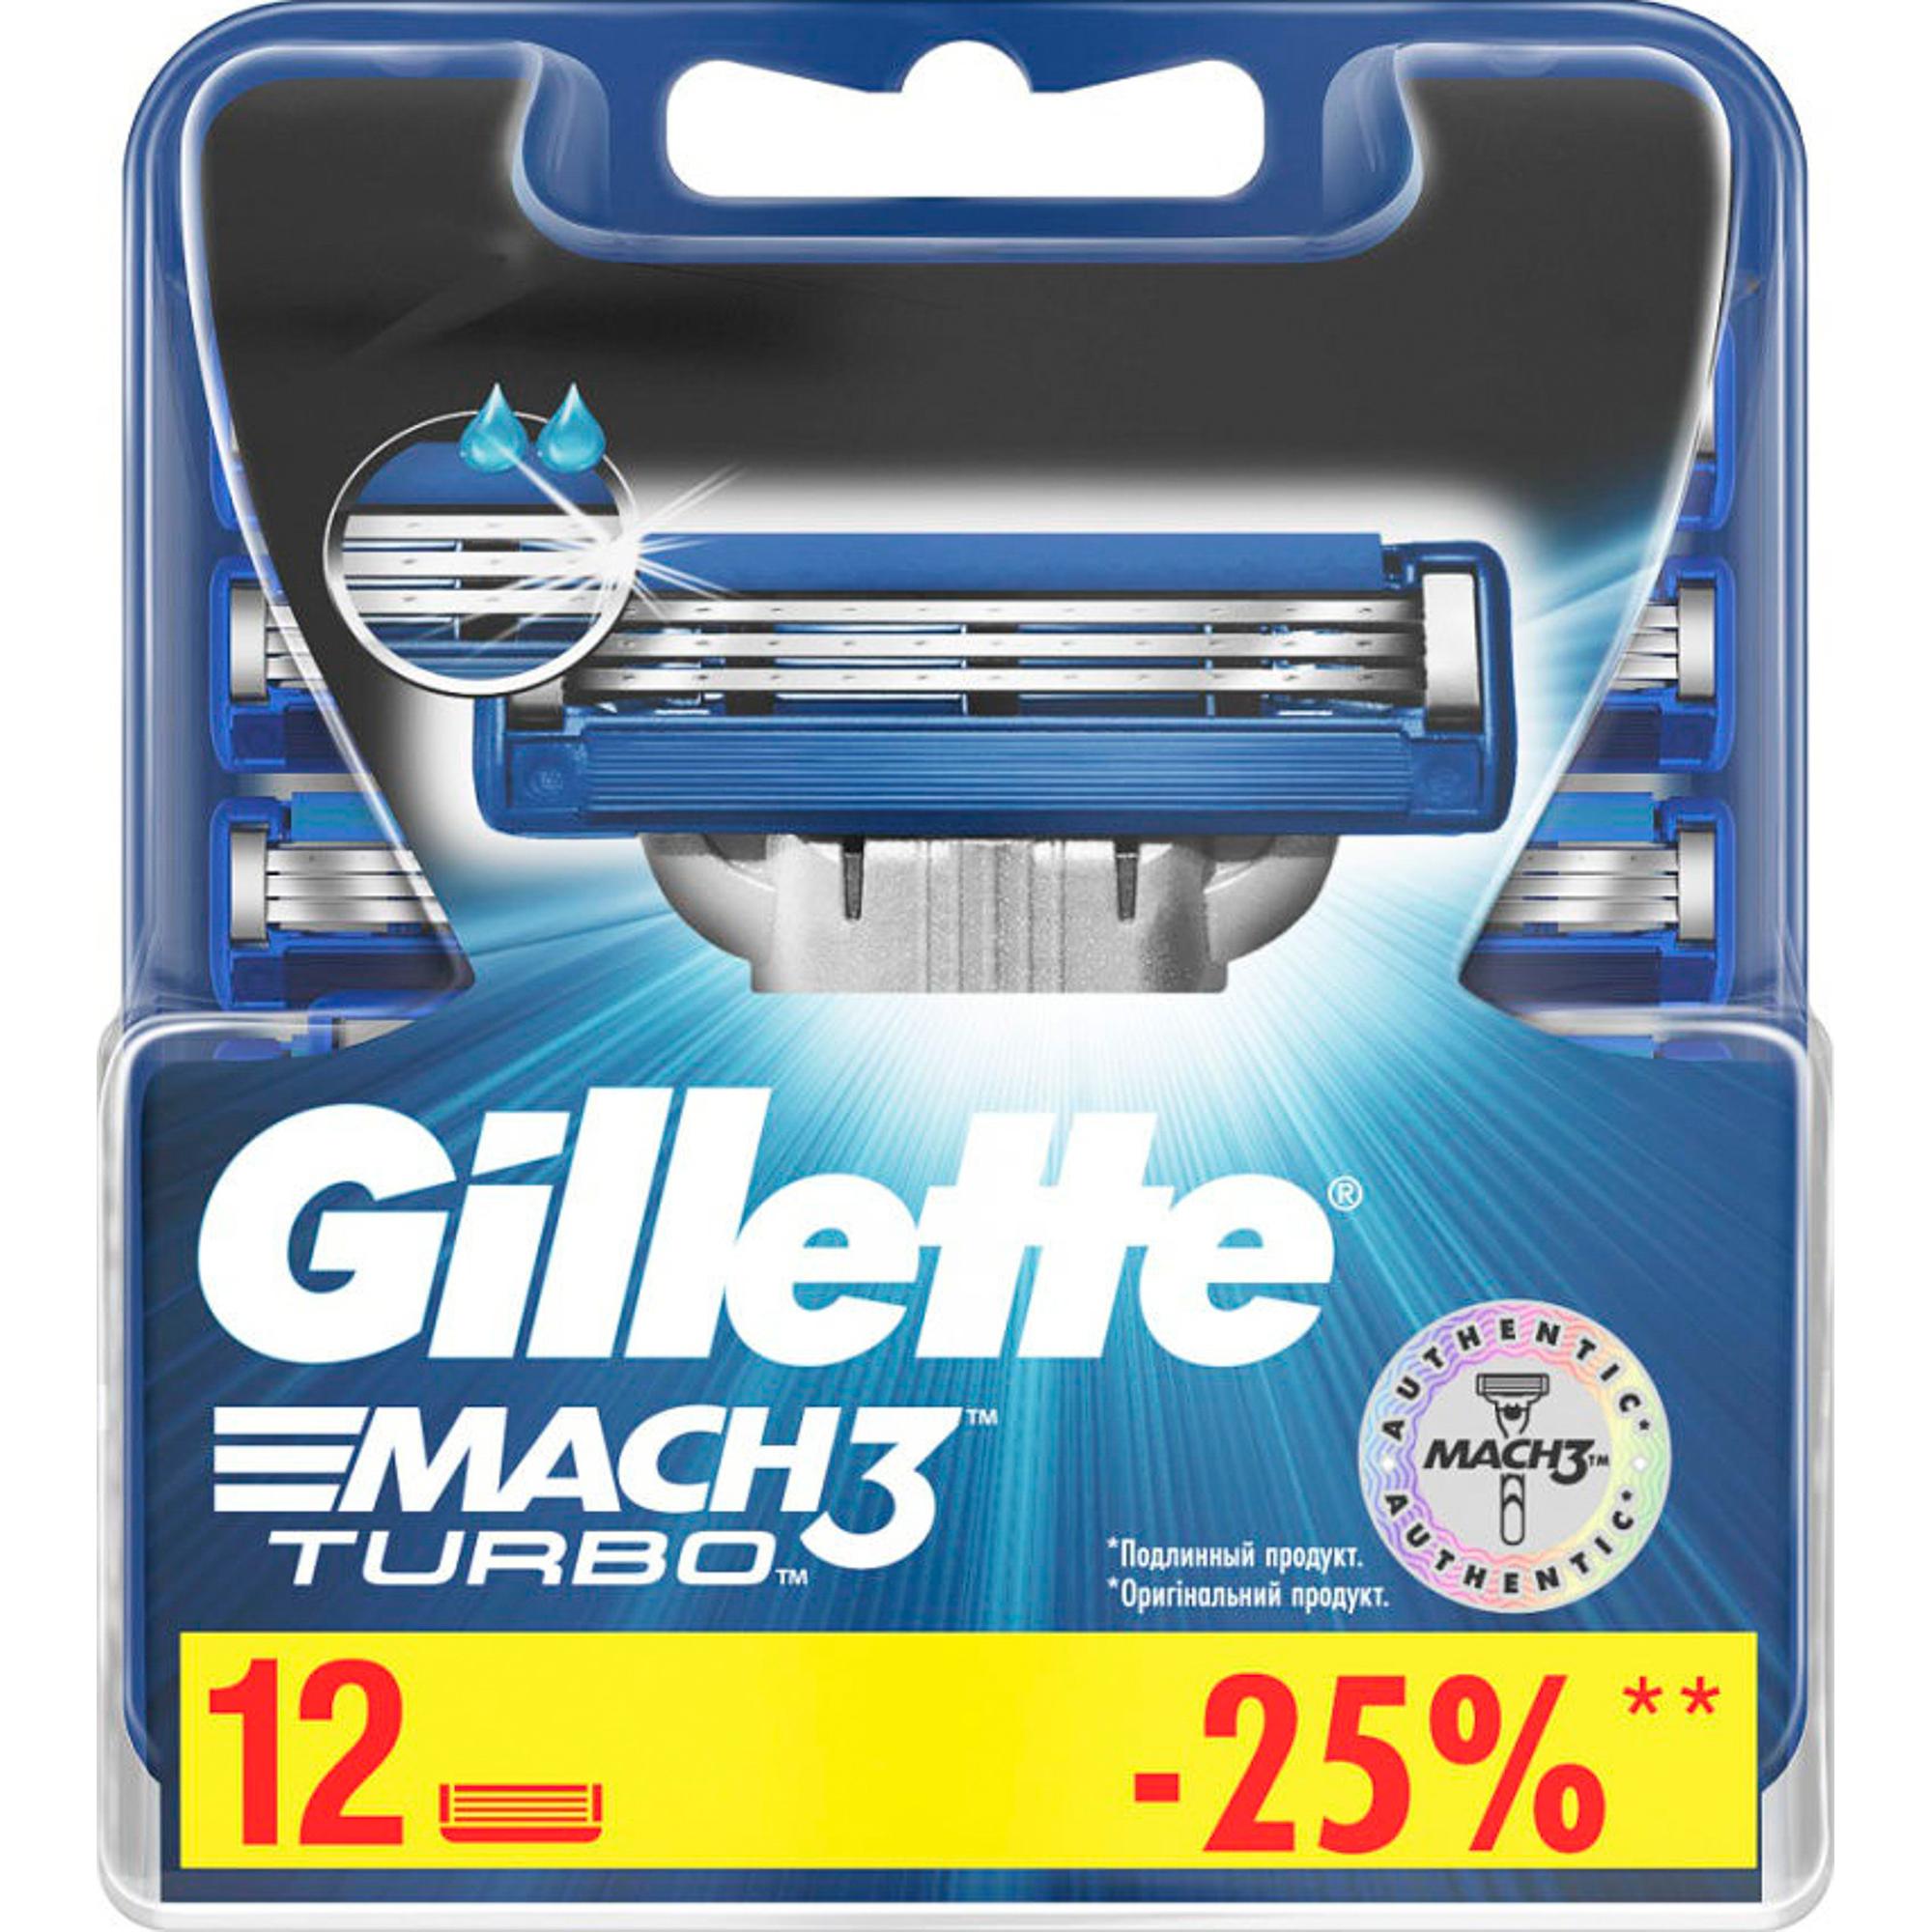 Фото - Сменные кассеты для бритья Gillette Mach3 Turbo 12 шт gillette mach 3 turbo сменные кассеты для бритья n4 1 шт gillette бритвы и лезвия